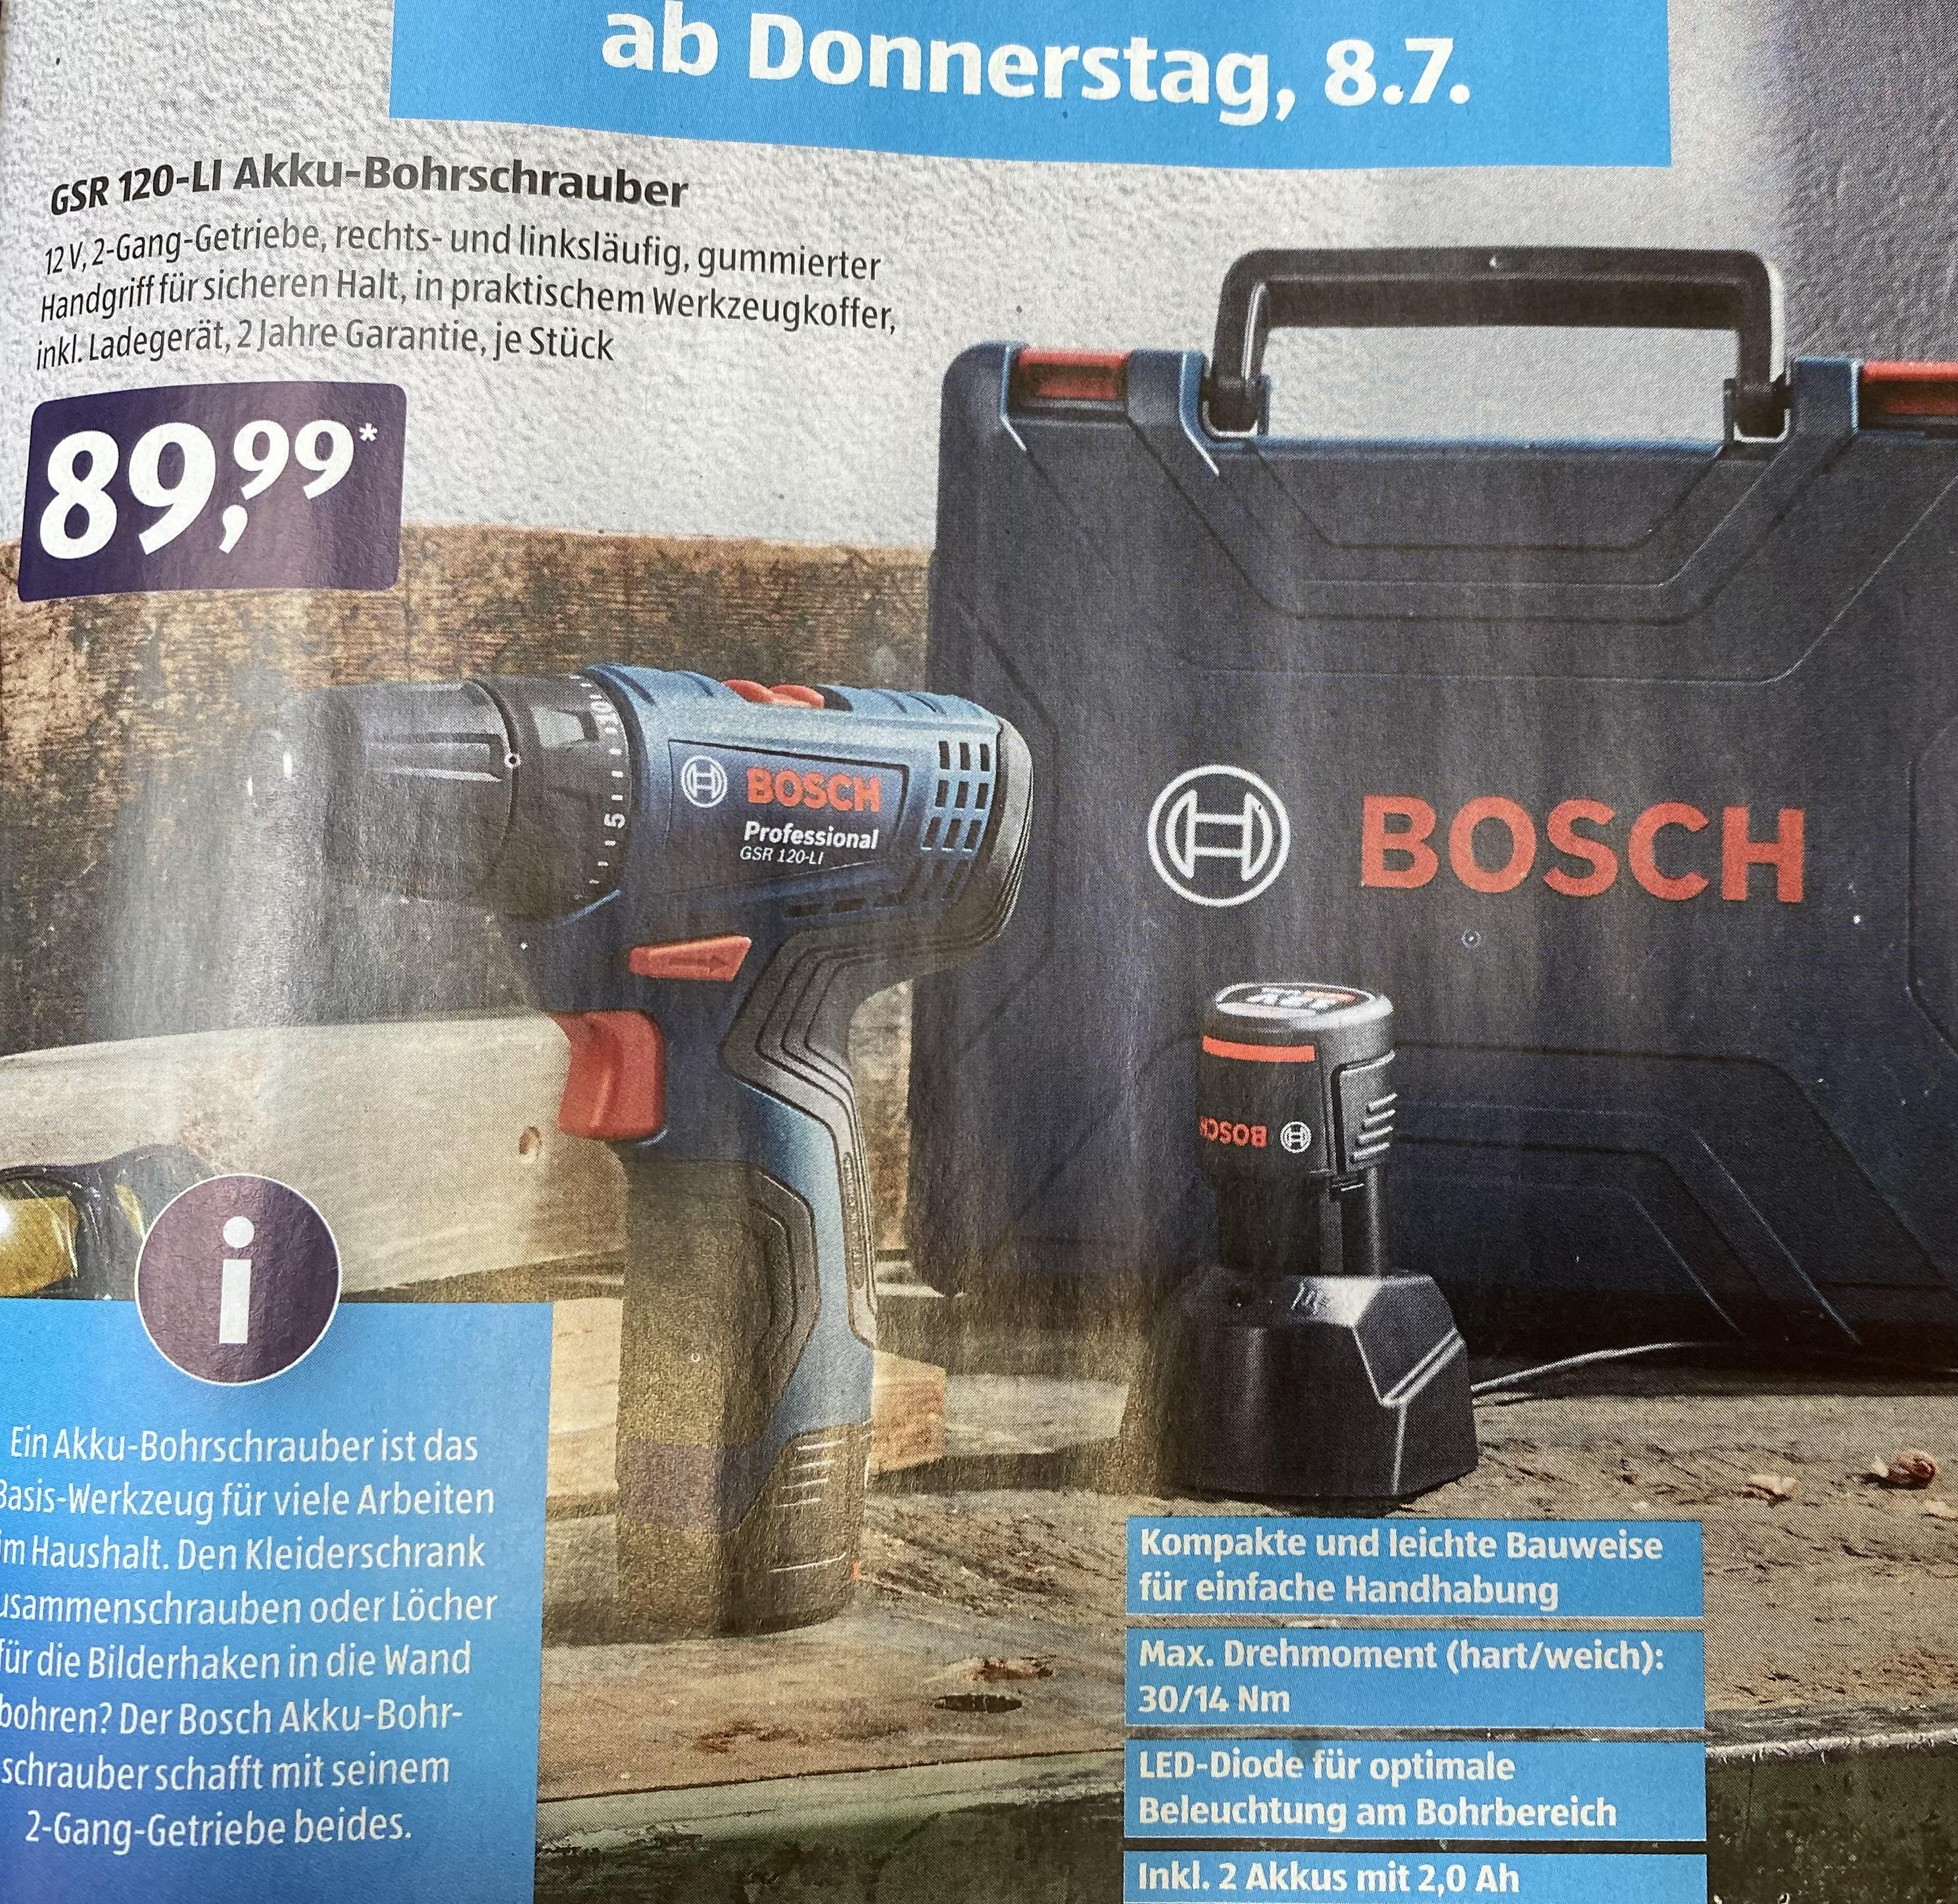 BOSCH Akku-Bohrschrauber »GSR 120 LI«, inkl. 2 Akkus 2,0 Ah, 12 V, mit Wekzeugkoffer ( 08.07.2021 ) Aldi Süd